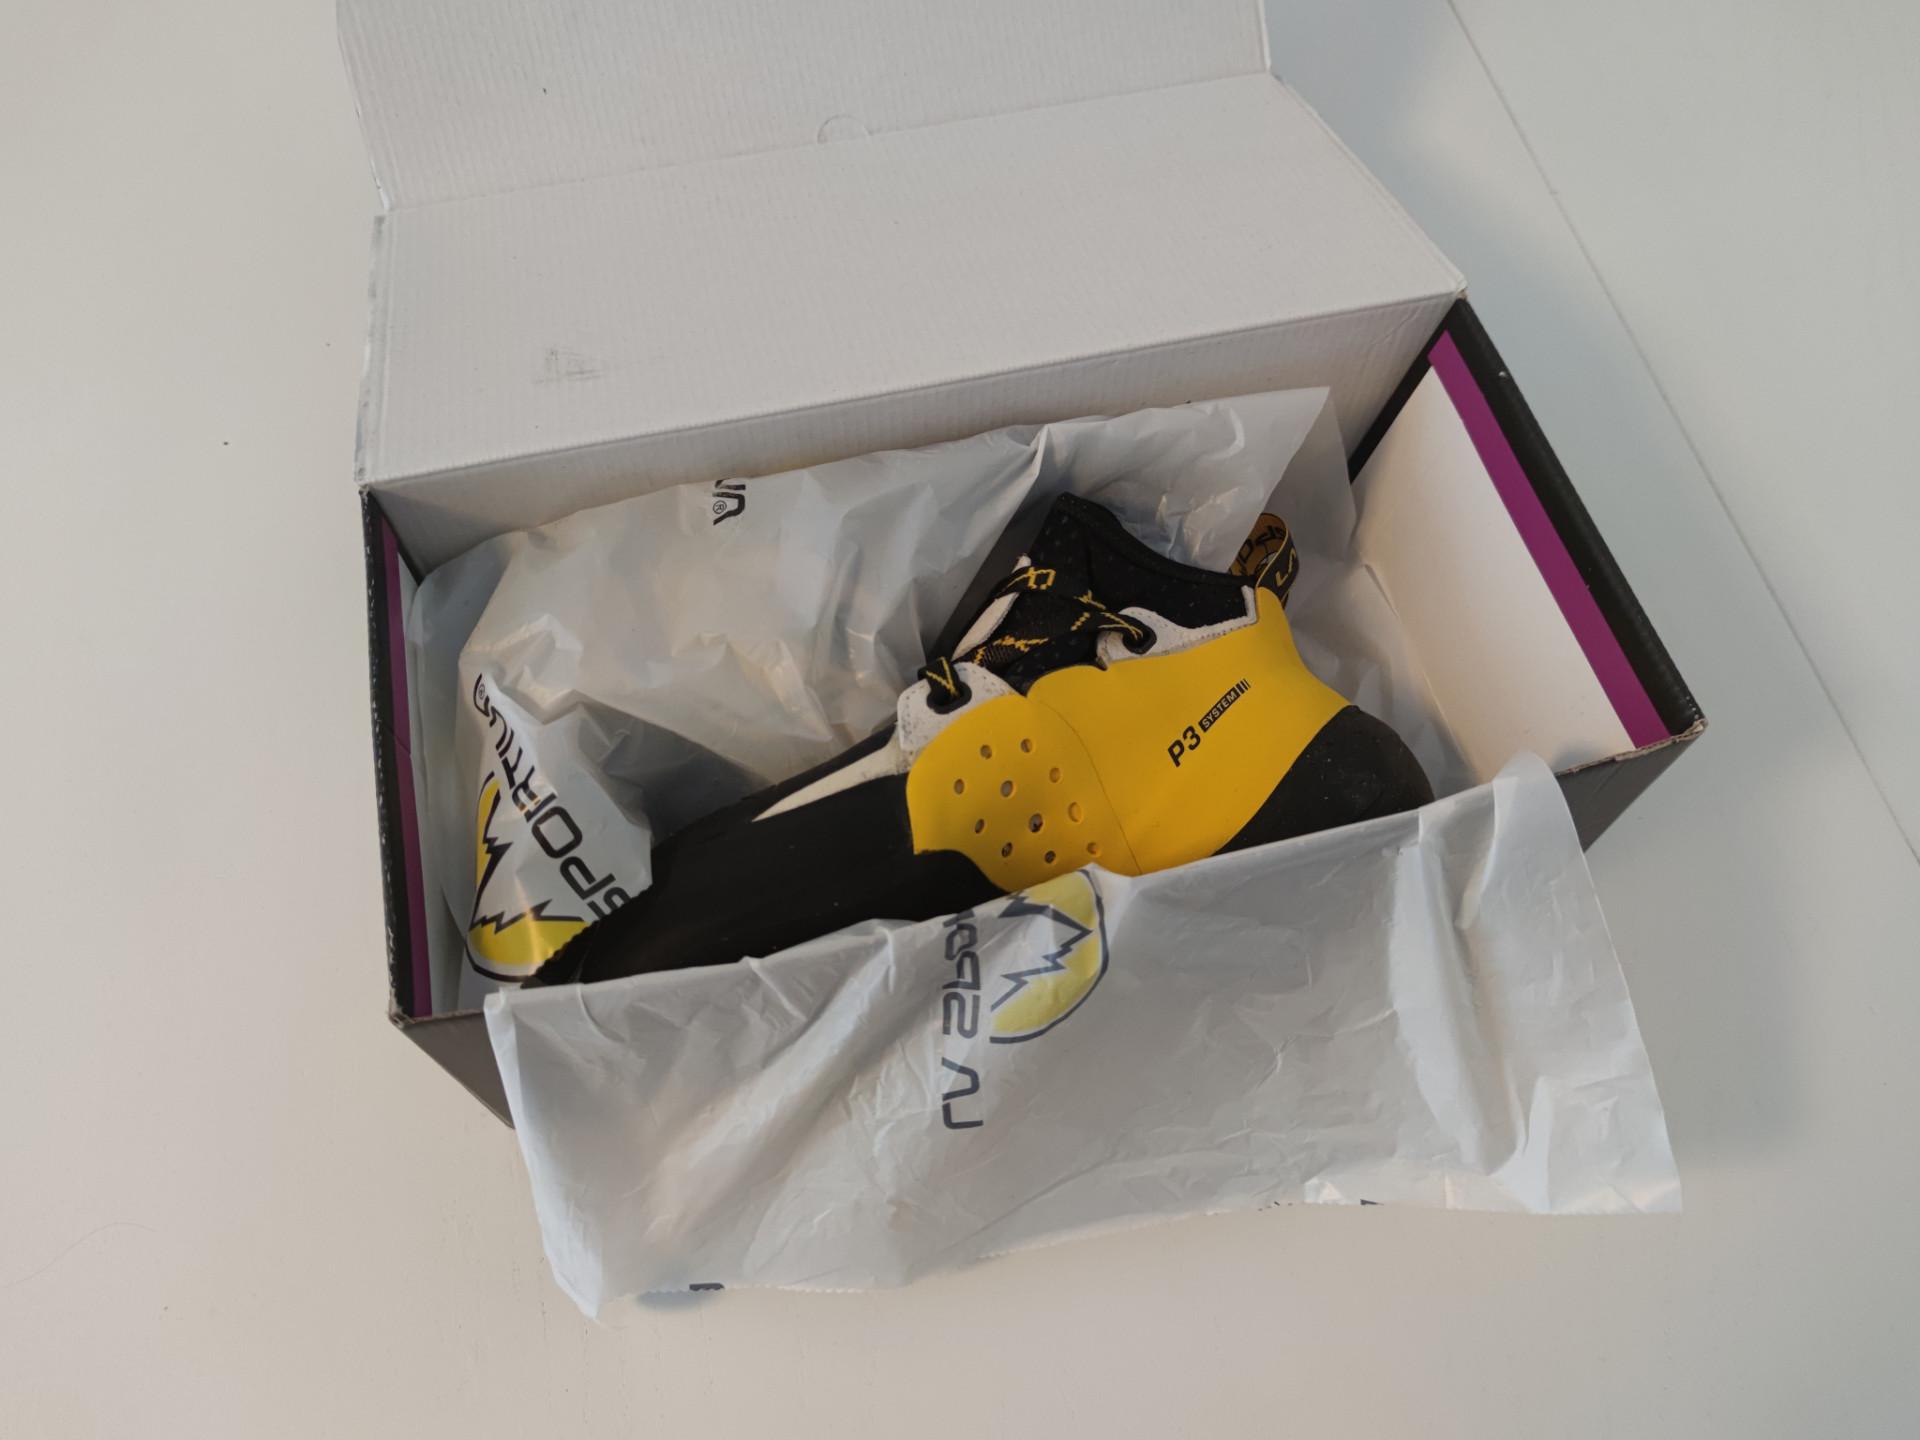 La Sportiva Solution im Schuhkarton